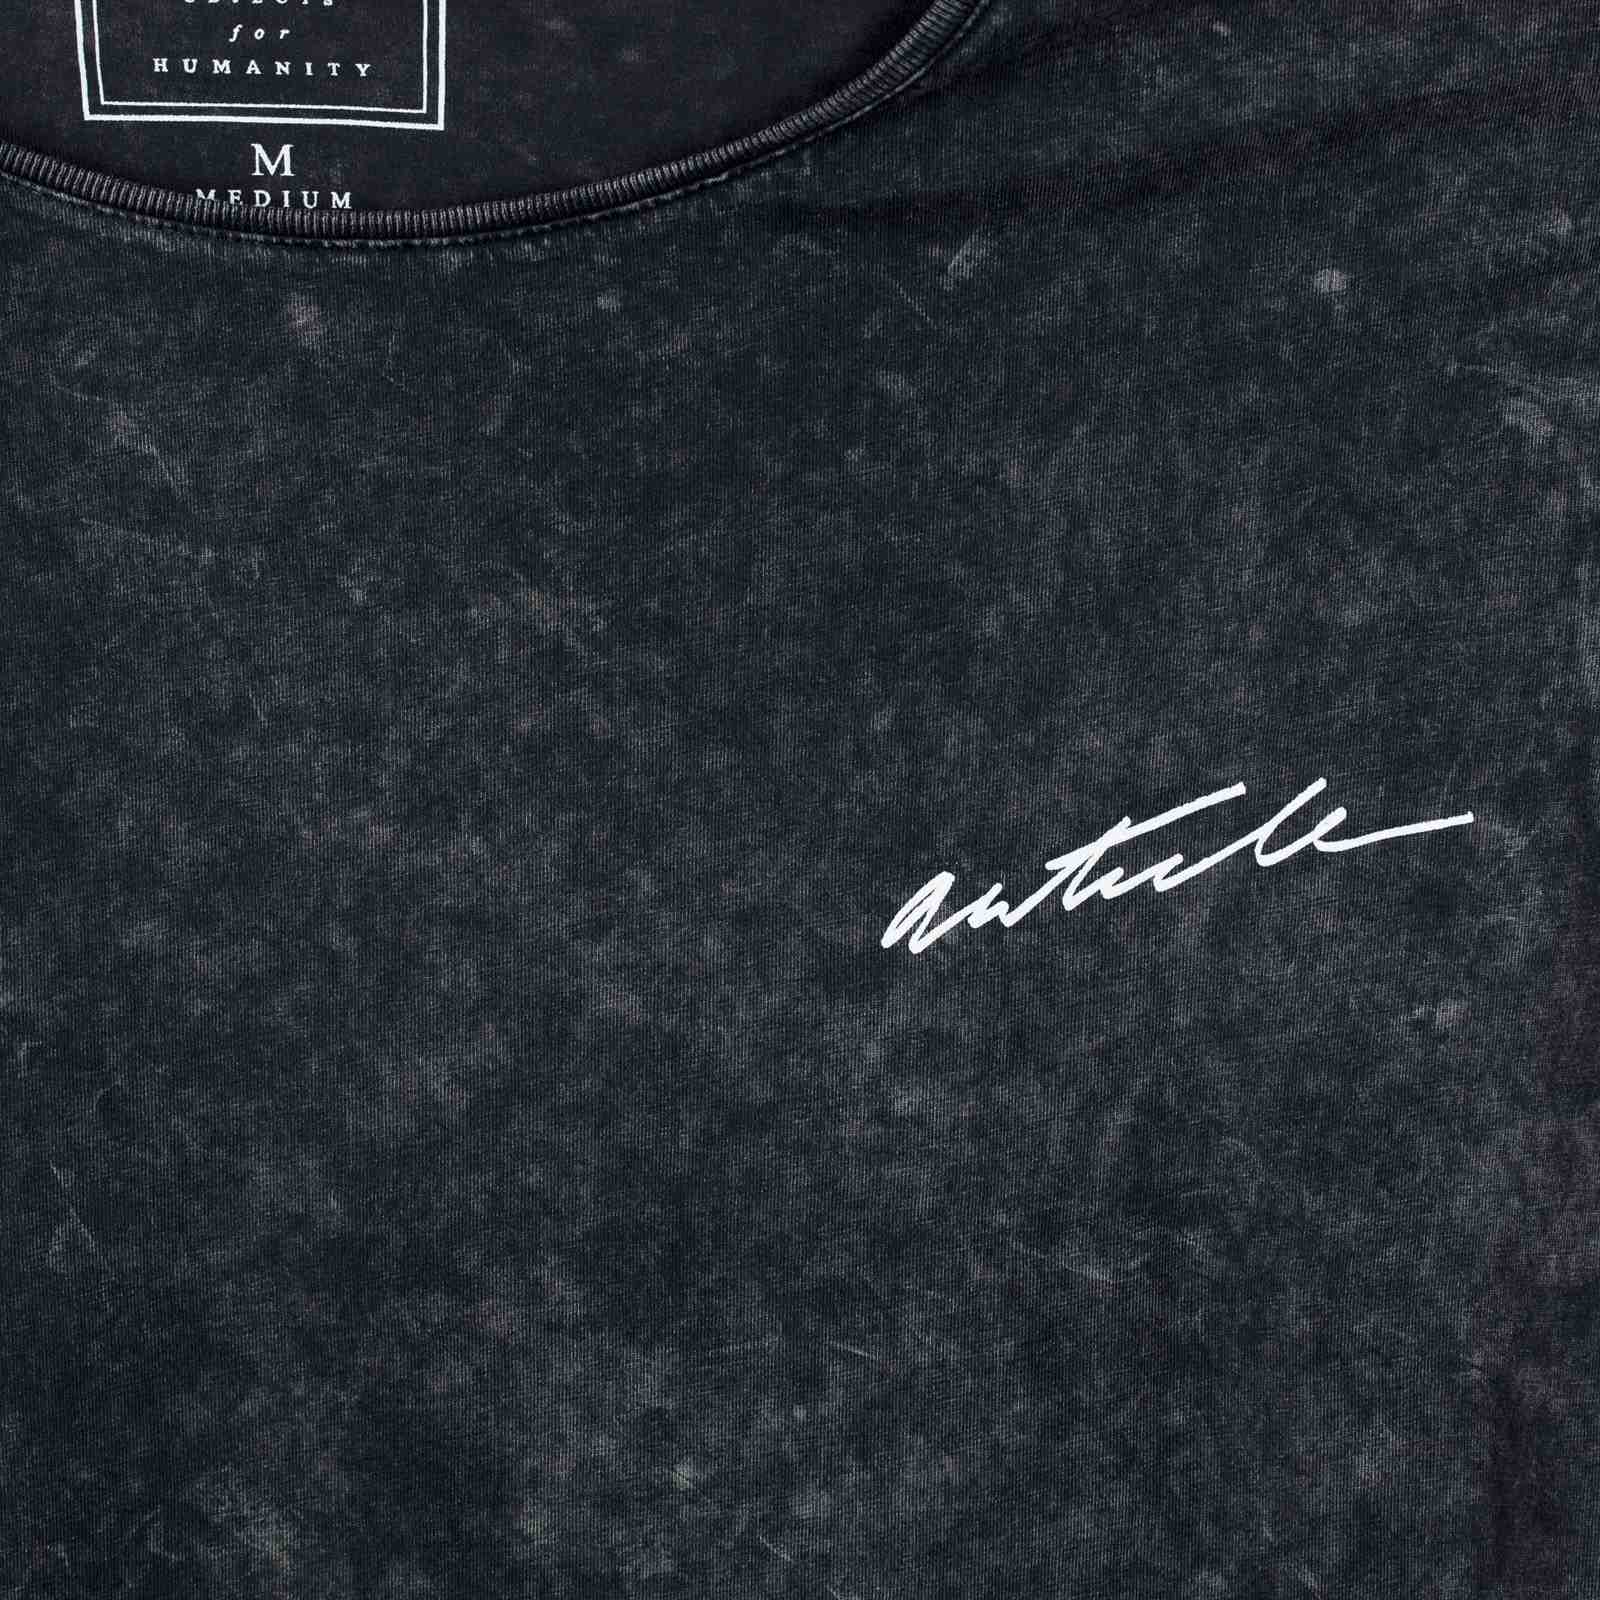 Дизайнерская мужская футболка ARTICLE-принт